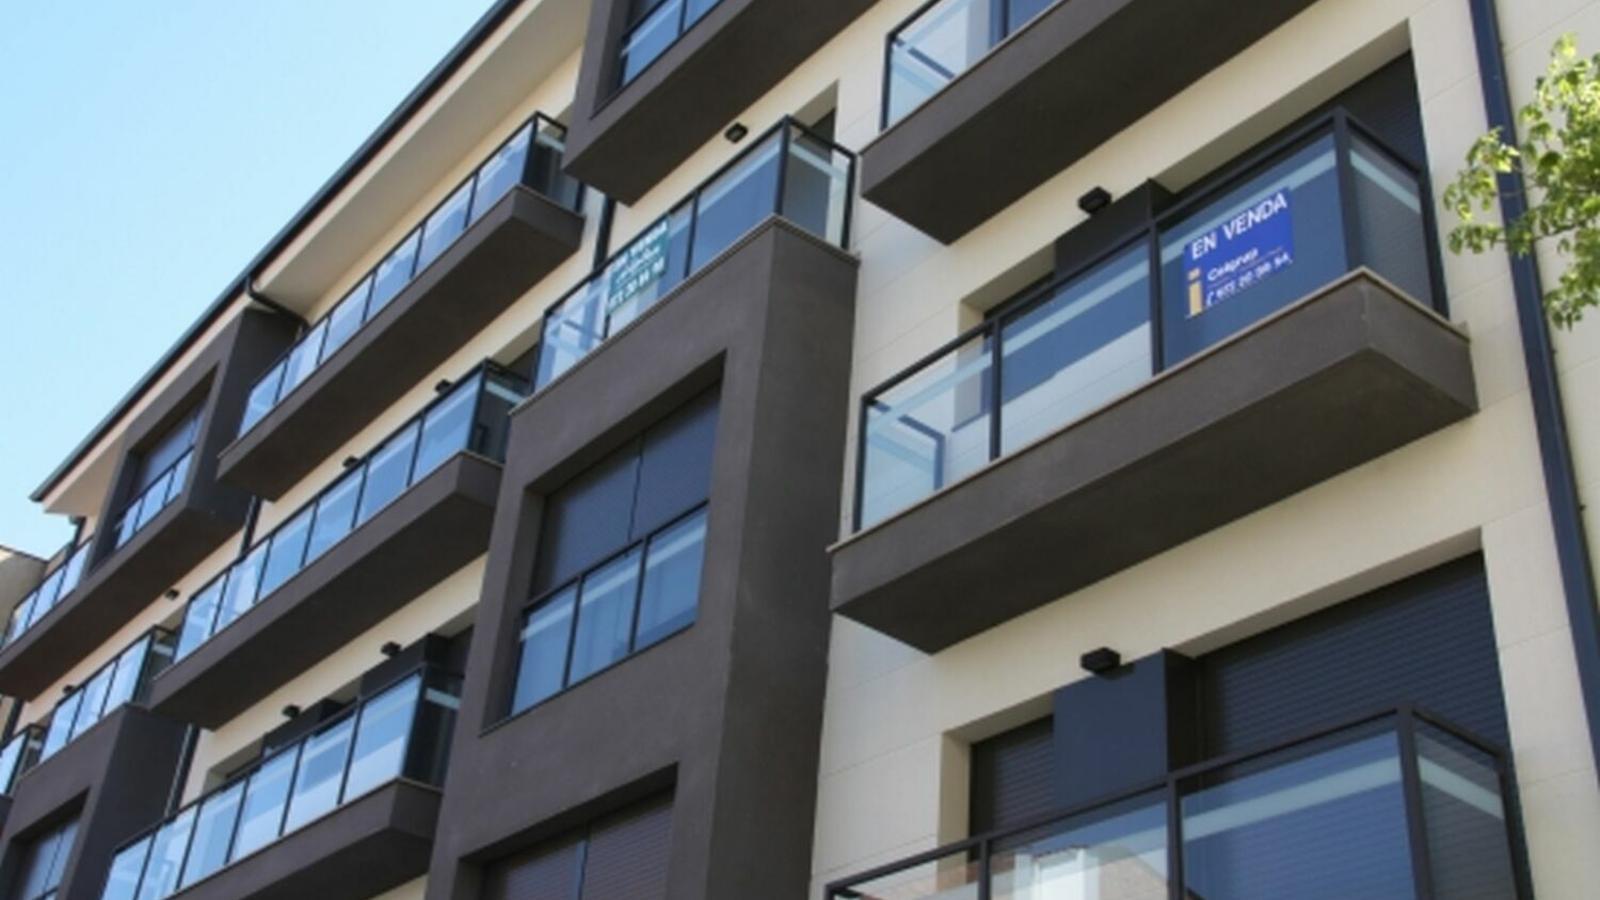 El preu de l'habitatge torna a pujar un 3,3% el primer trimestre del 2019